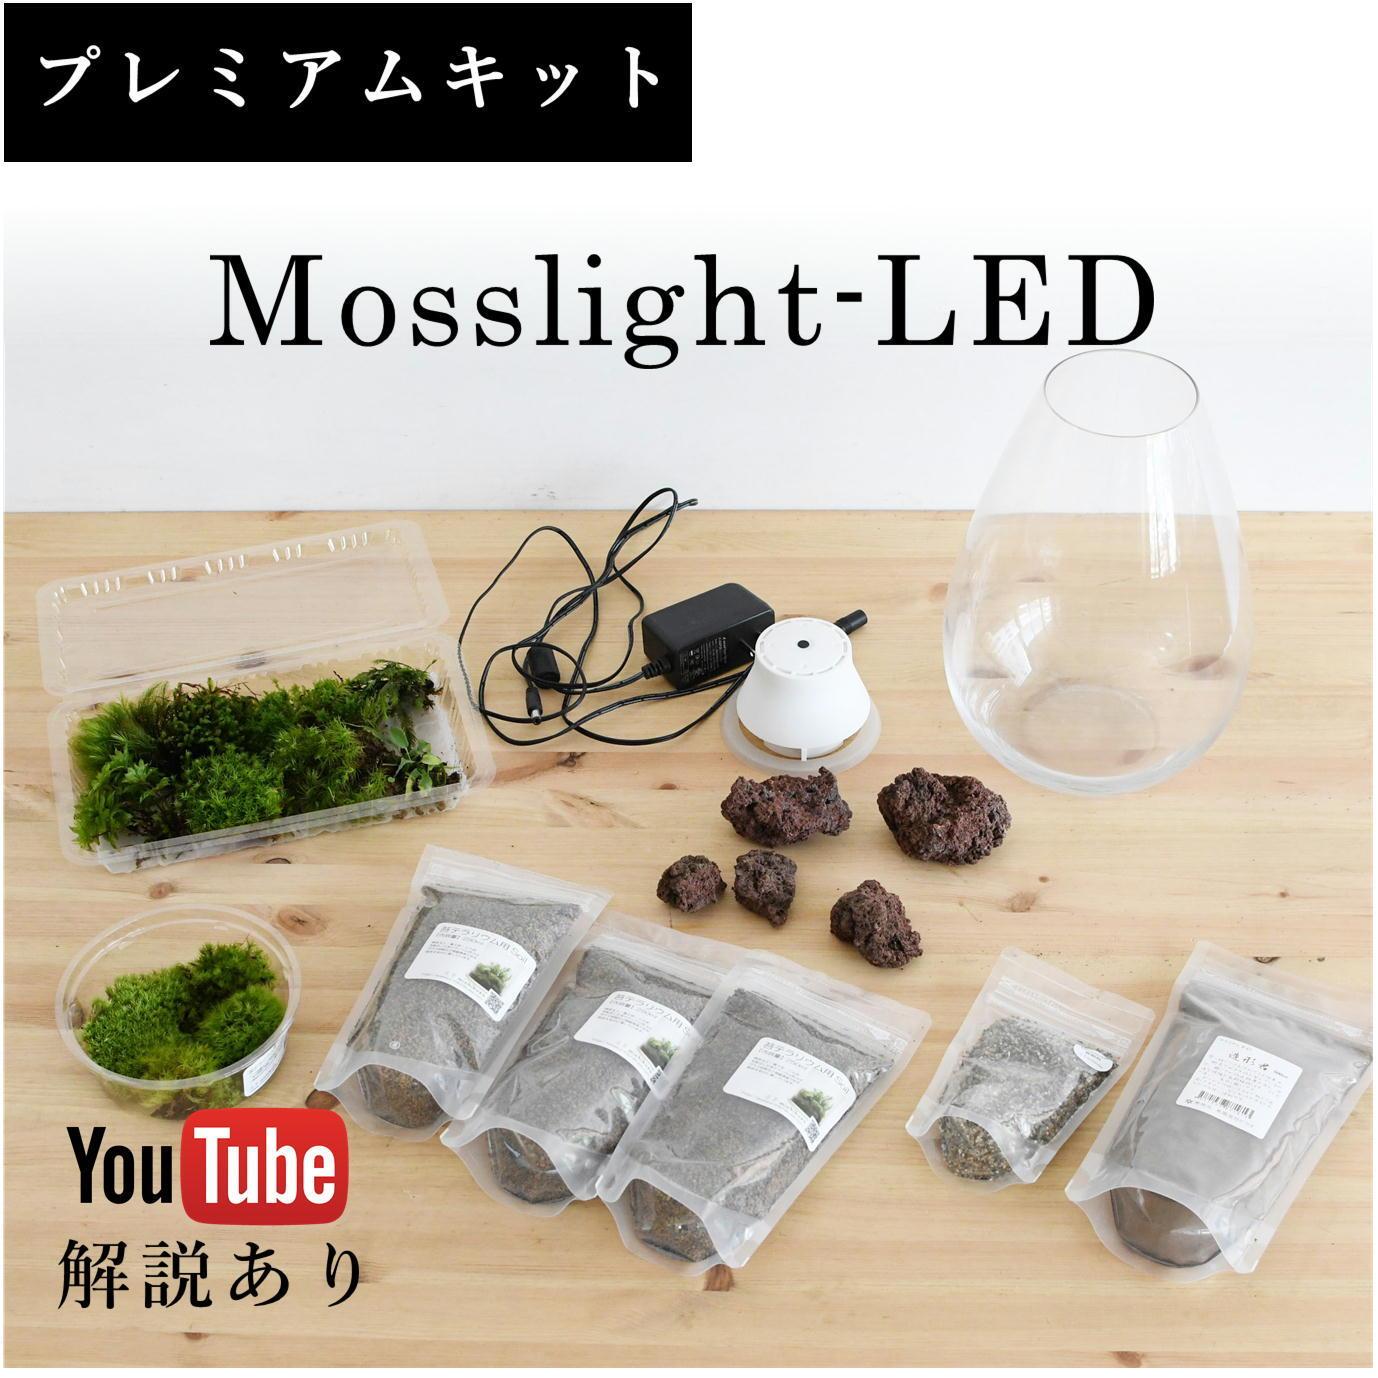 【プレミアムキット】Mosslight-LEDで作る苔テラリウム ◆動画解説付き